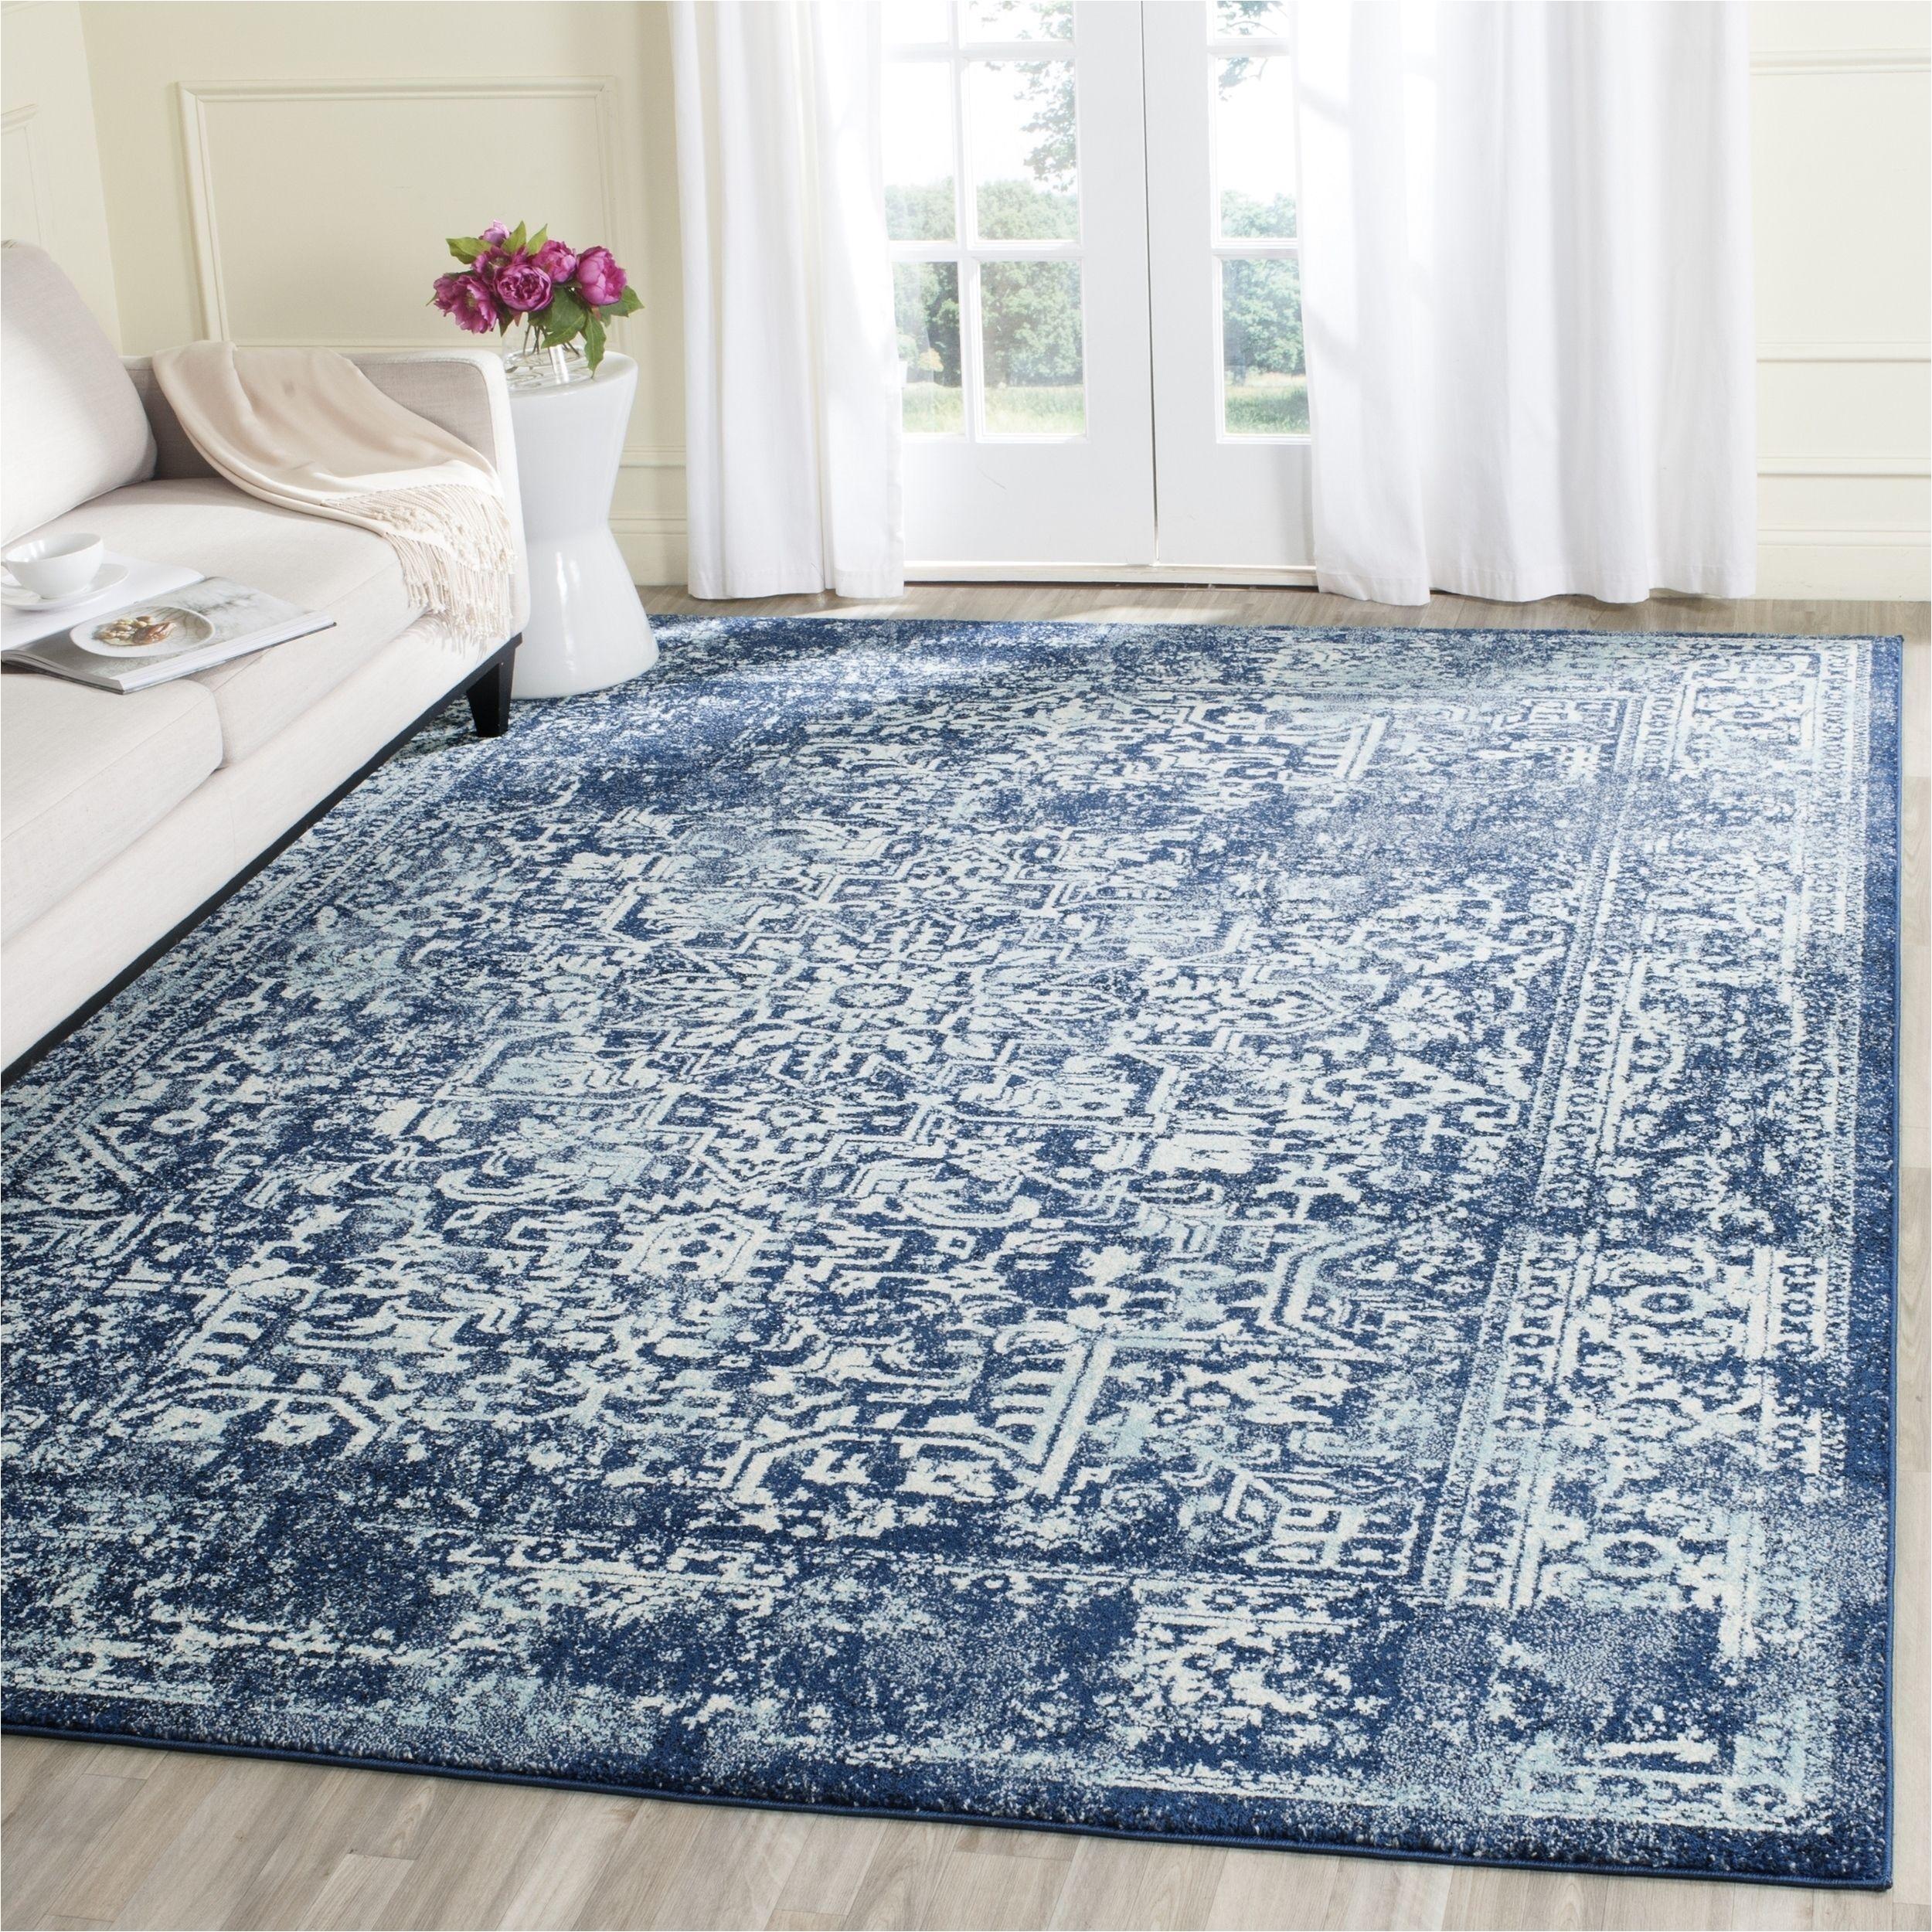 safavieh evoke vintage oriental navy ivory distressed rug 6 7 square evk256a 7sq blue polypropylene medallion